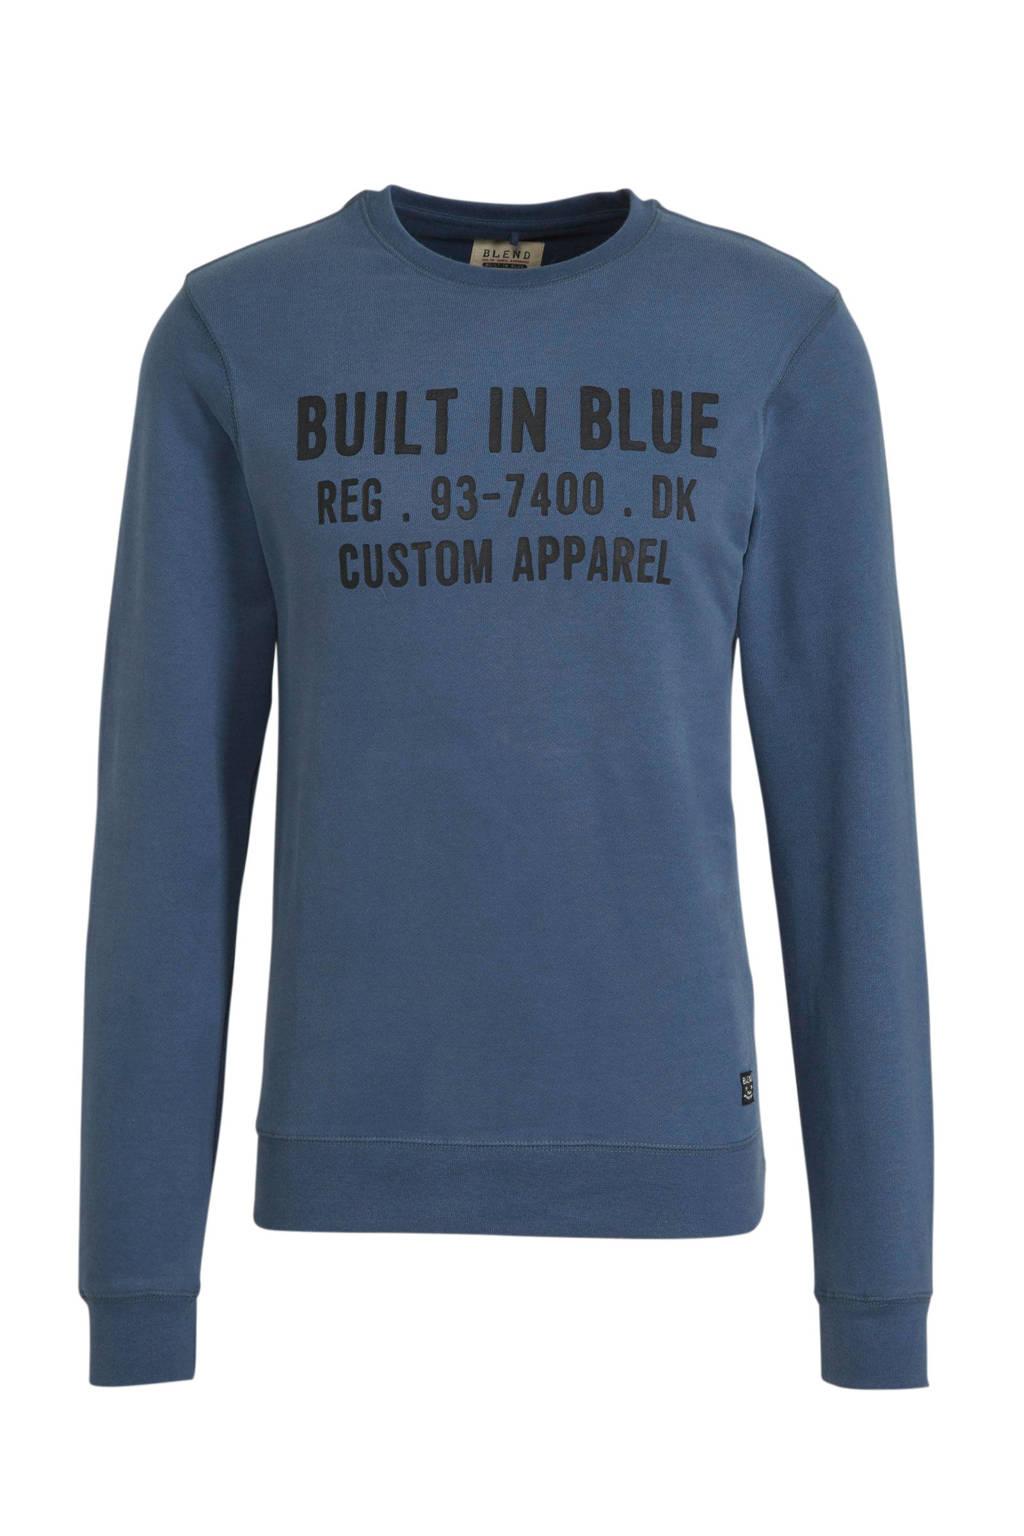 Blend sweater met logo grijsblauw, Grijsblauw